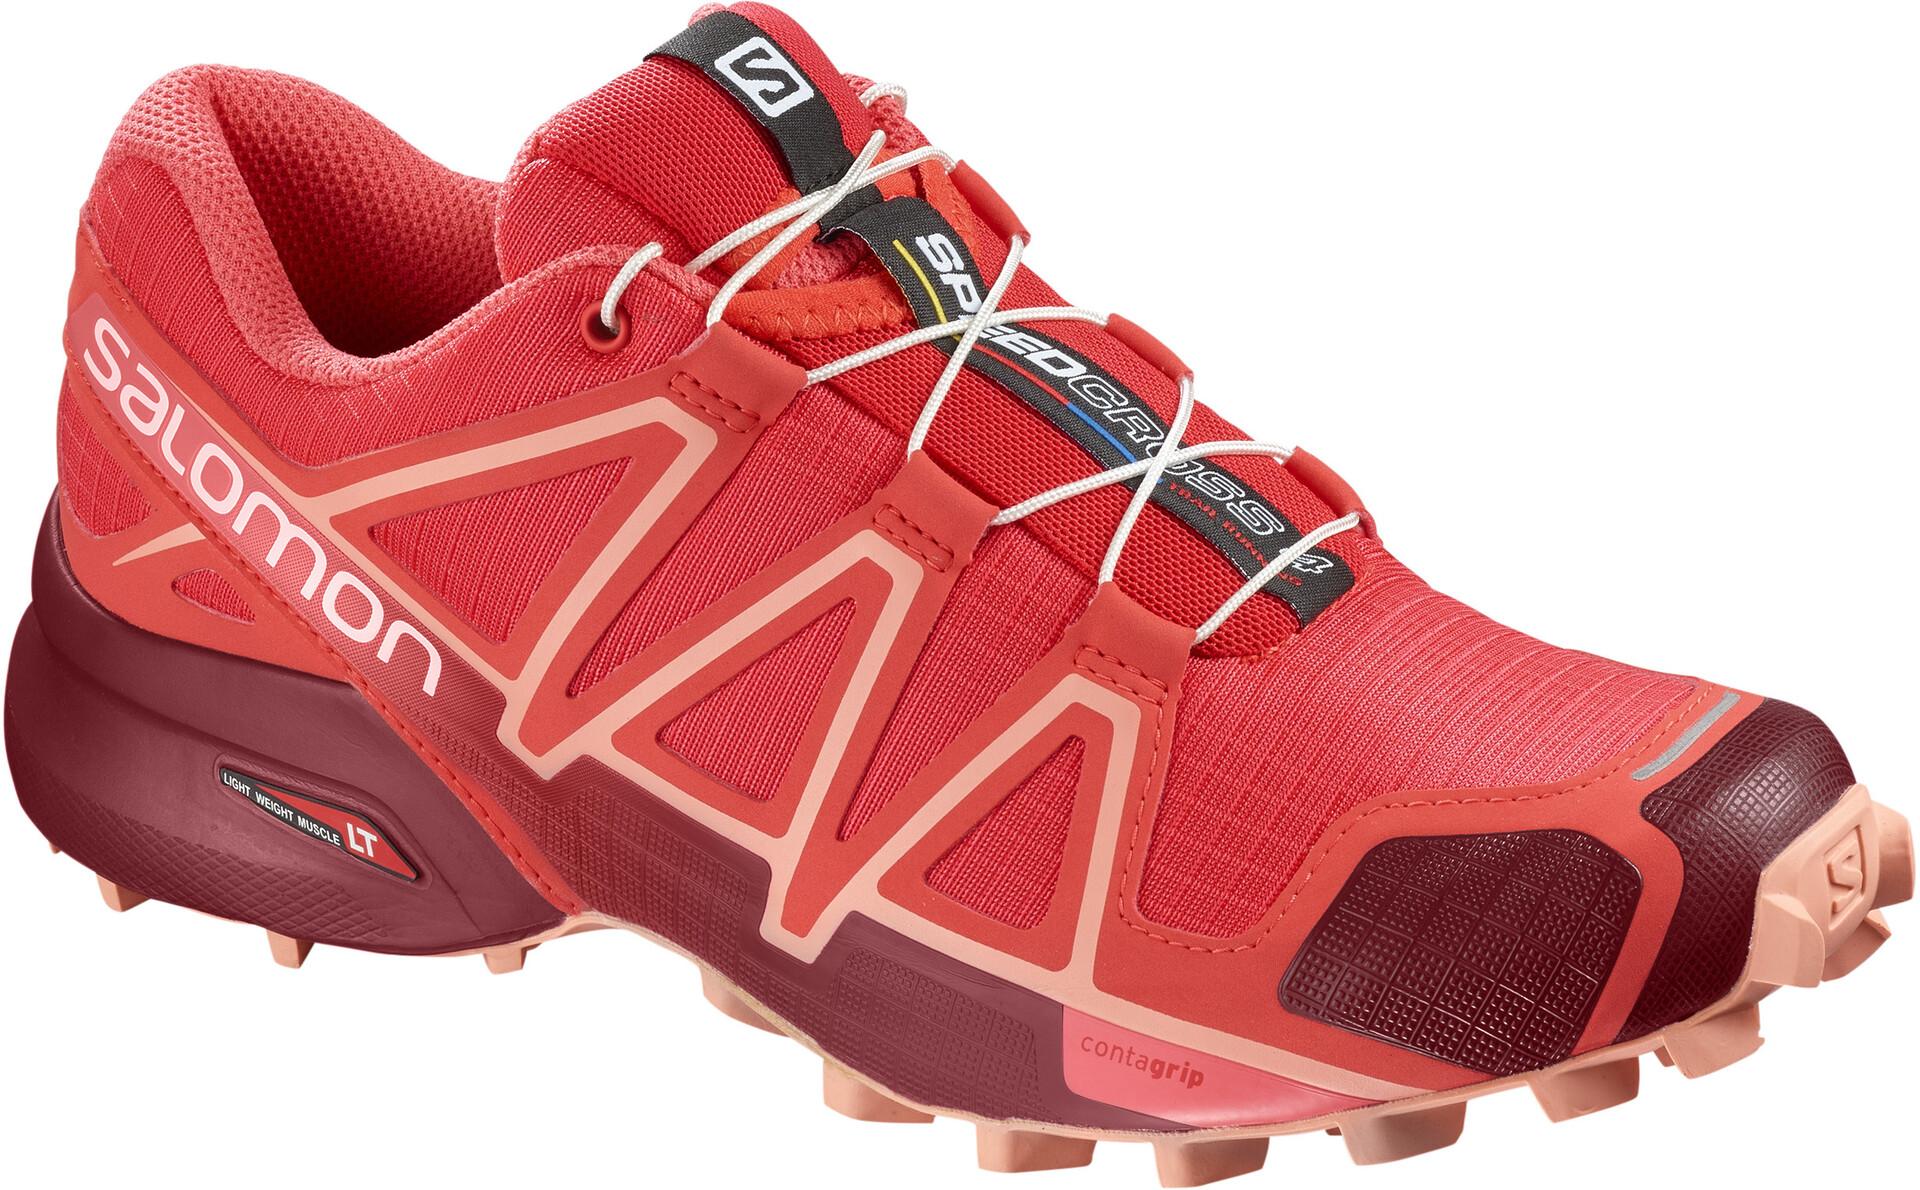 Campz Speedcross Salomon 4 Femme Chaussures Running Rouge Sur CpwPgTqnxw